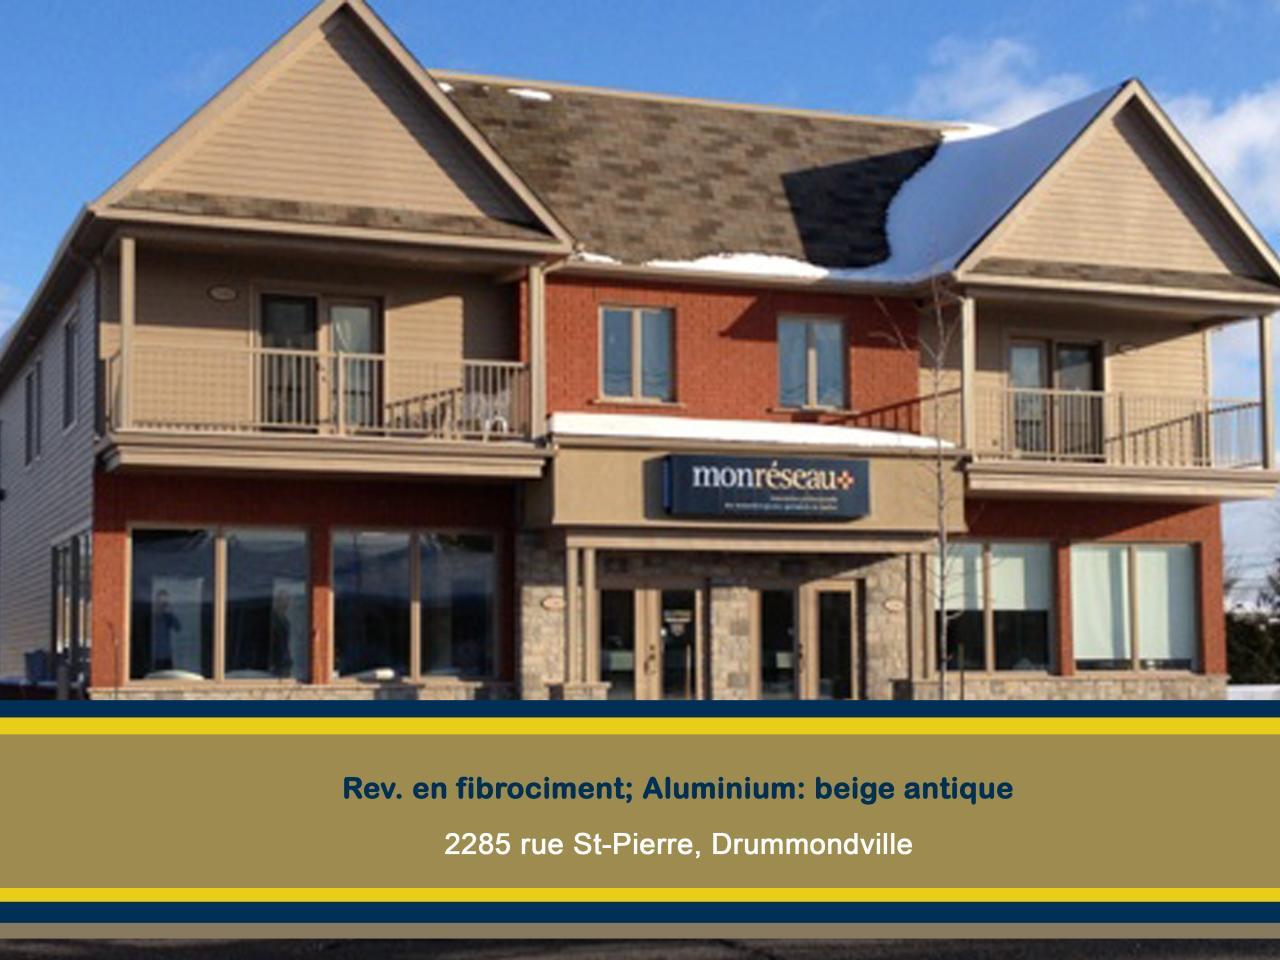 2285 rue St-Pierre Drummondville